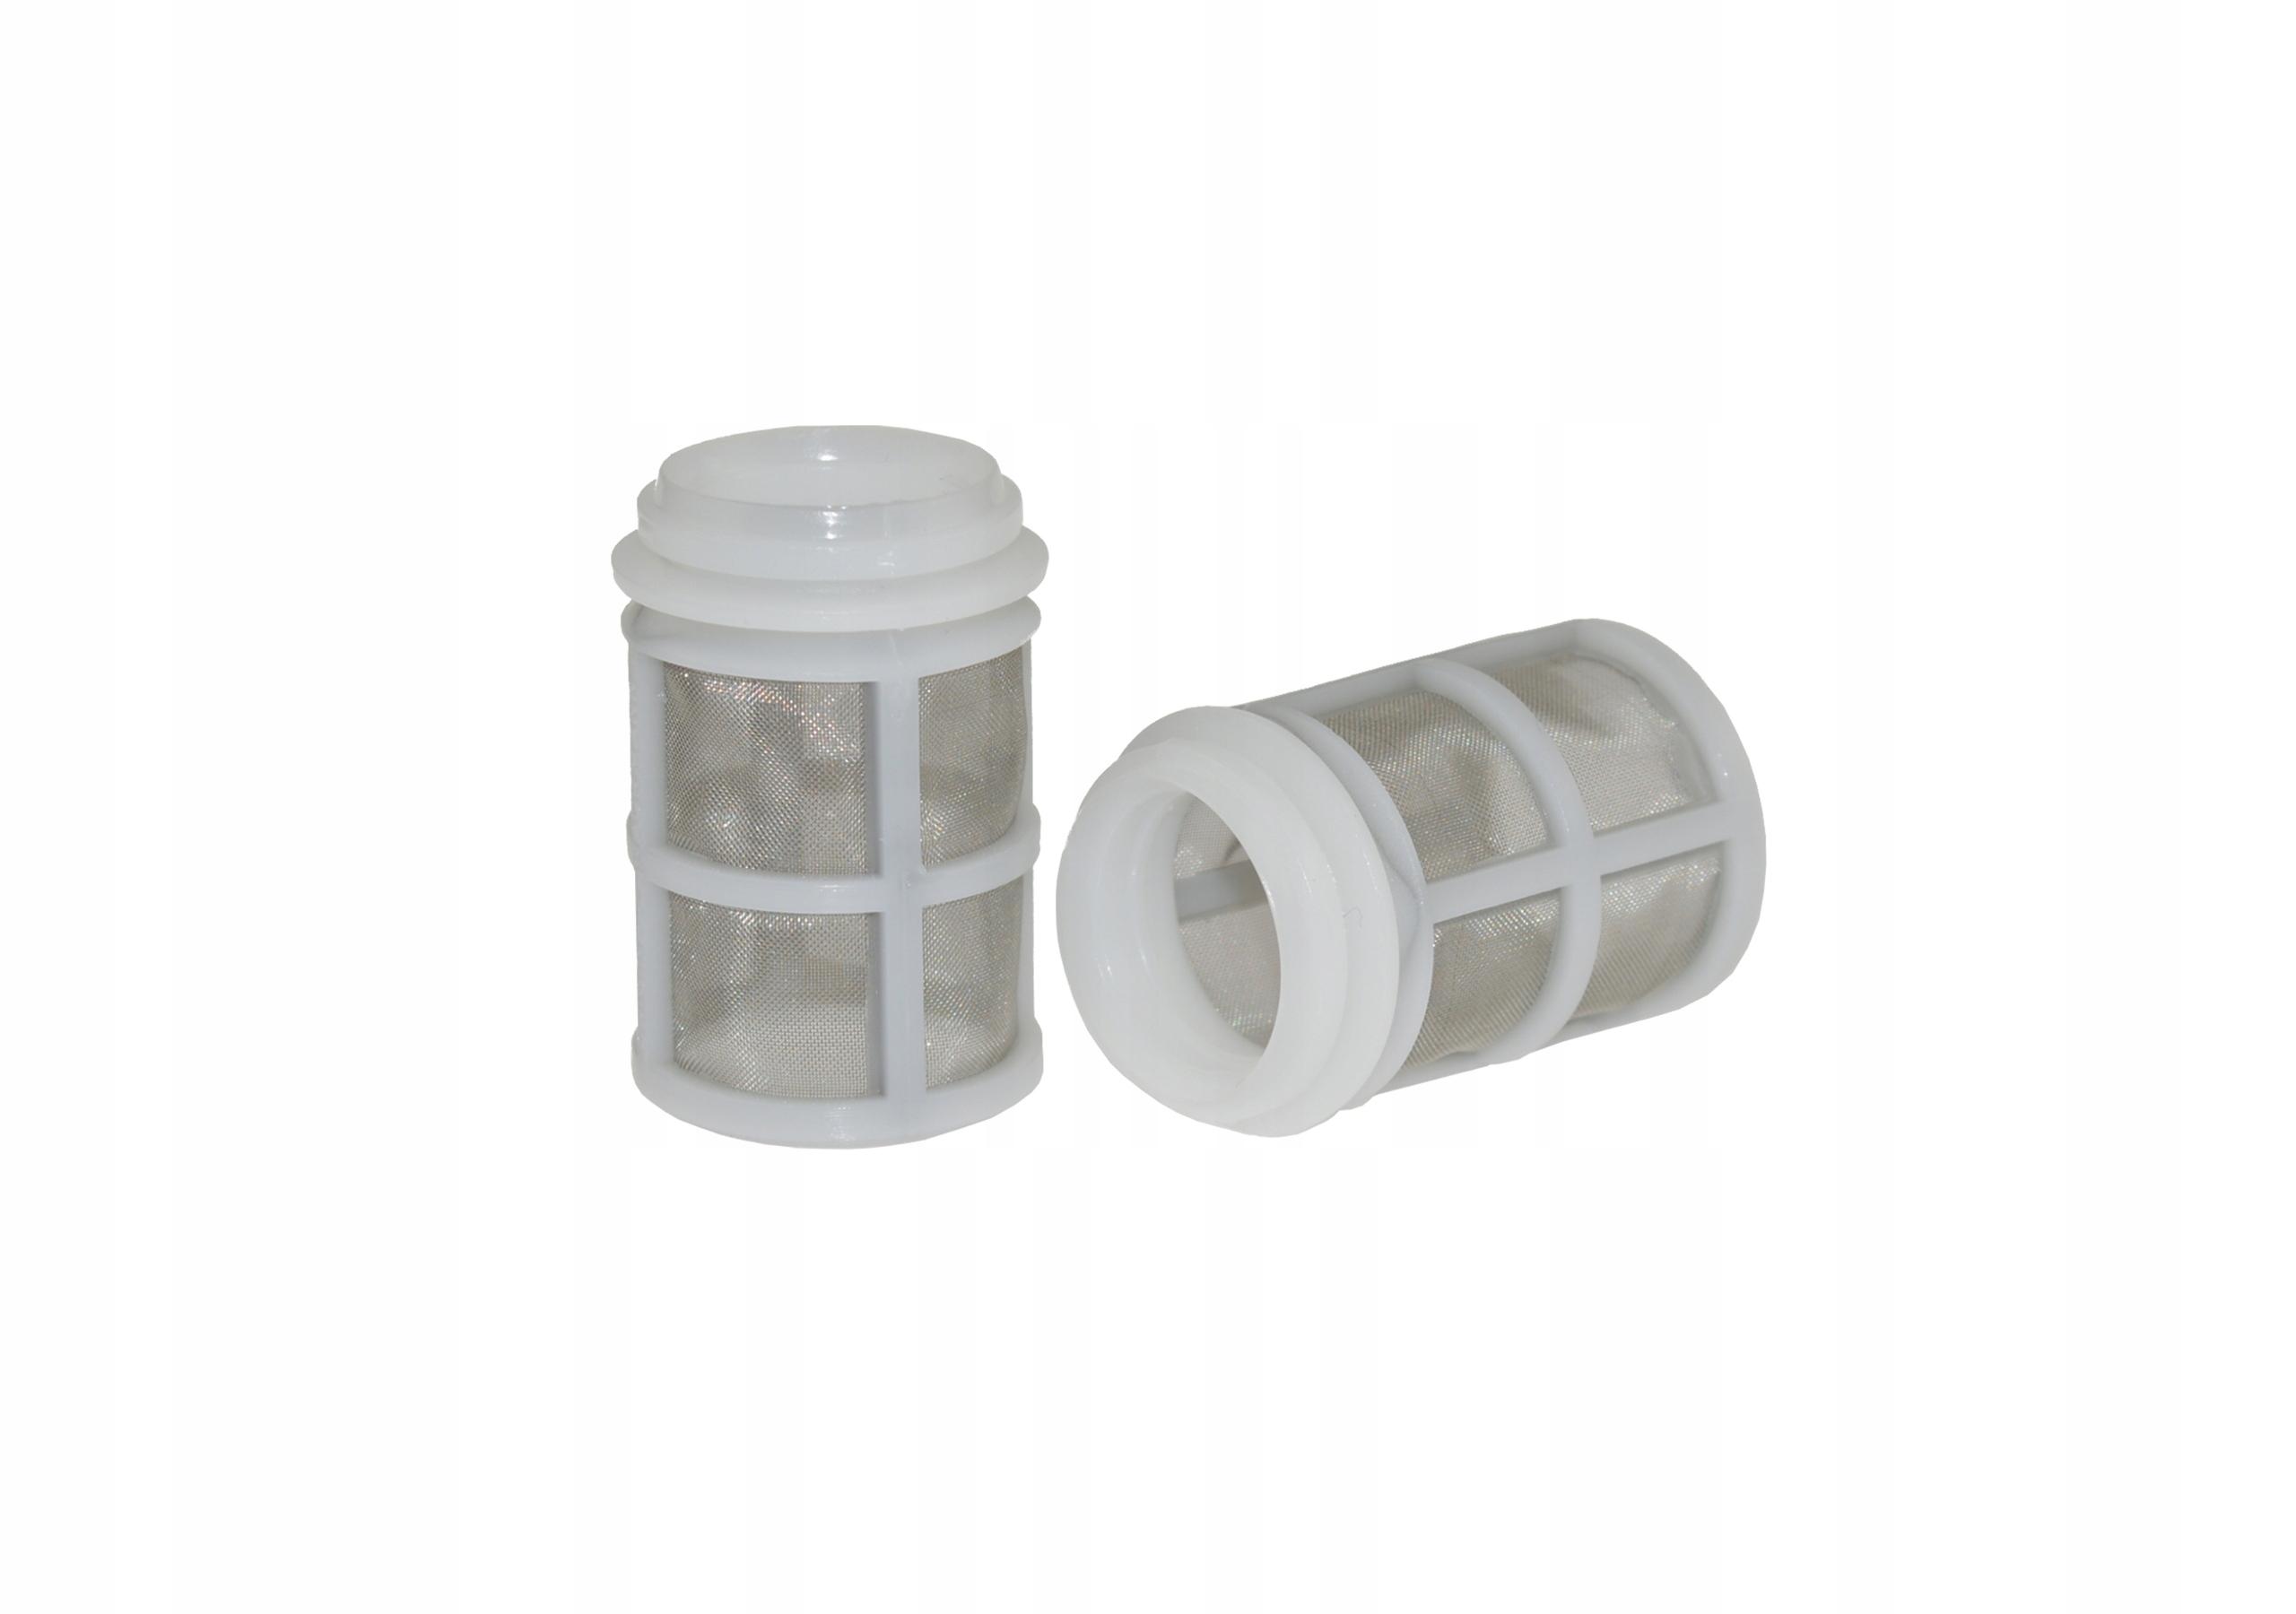 PFT Reductor Sitko Vodný filter Striekajúci agregát